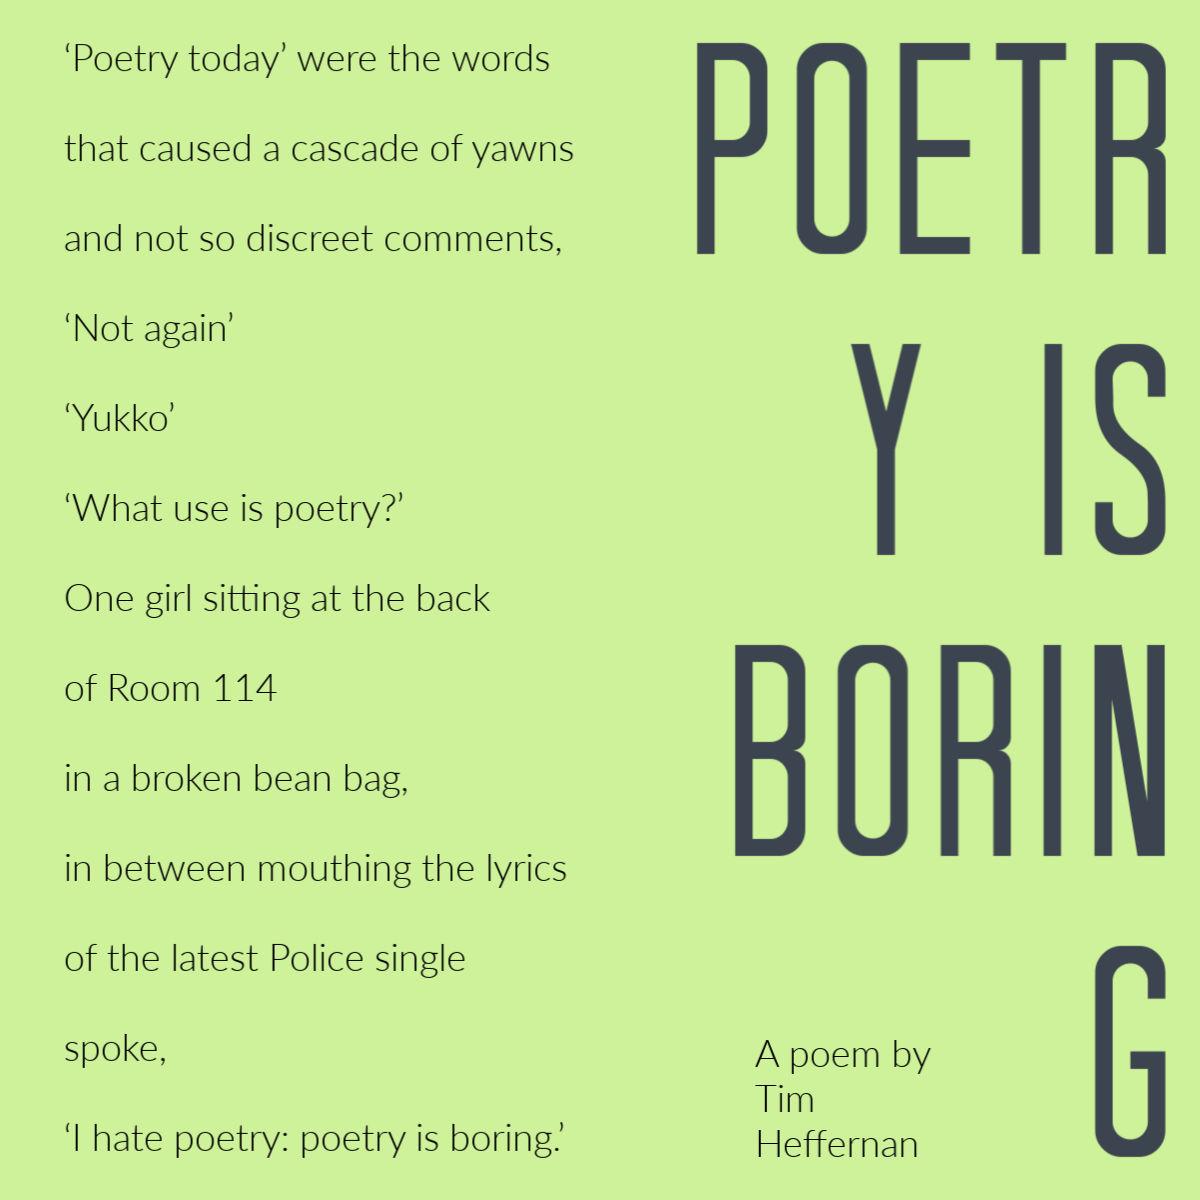 Poetry is Boring by Tim Heffernan